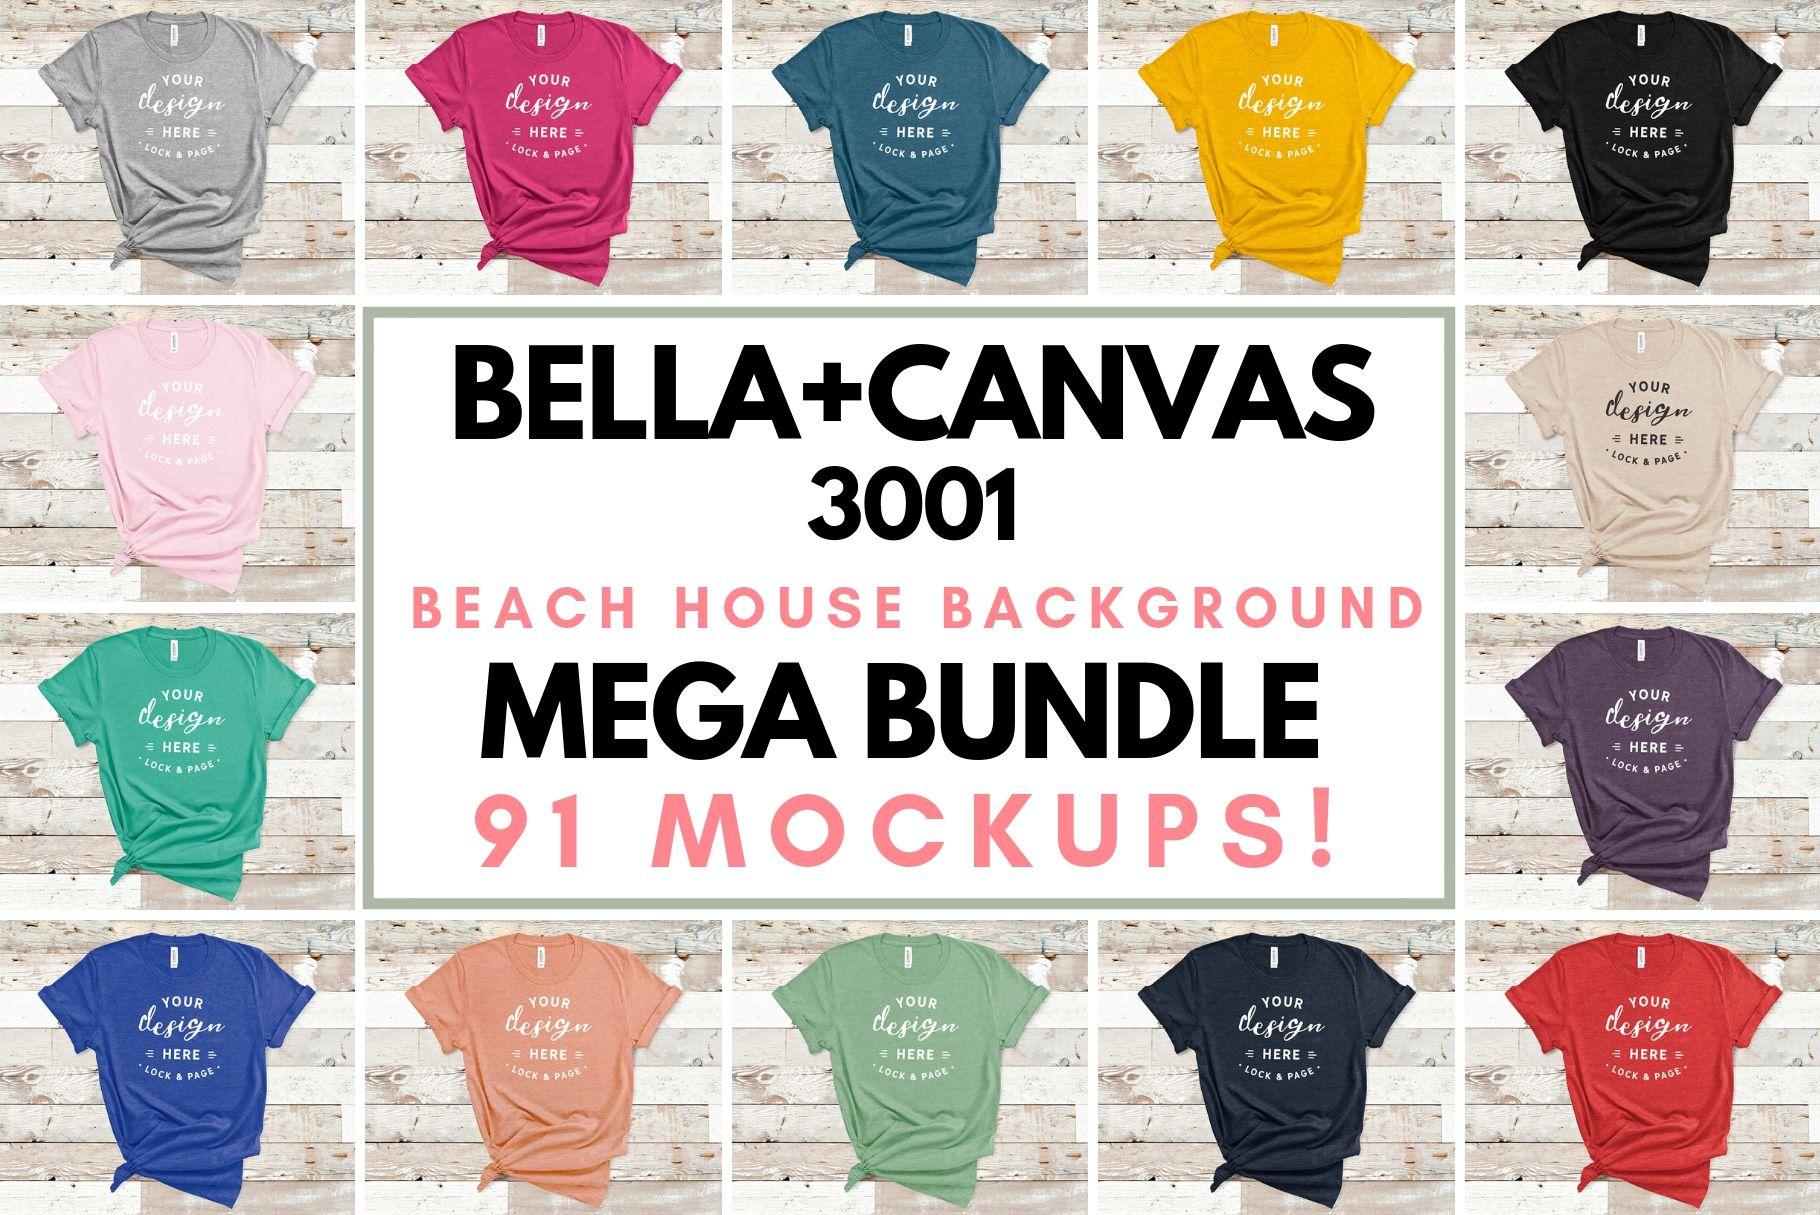 Download Bella Canvas 3001 Mockup T Shirt Bundle All Colors On Wood 150632 Mockups Design Bundles Design Mockup Free Tshirt Mockup Shirt Mockup